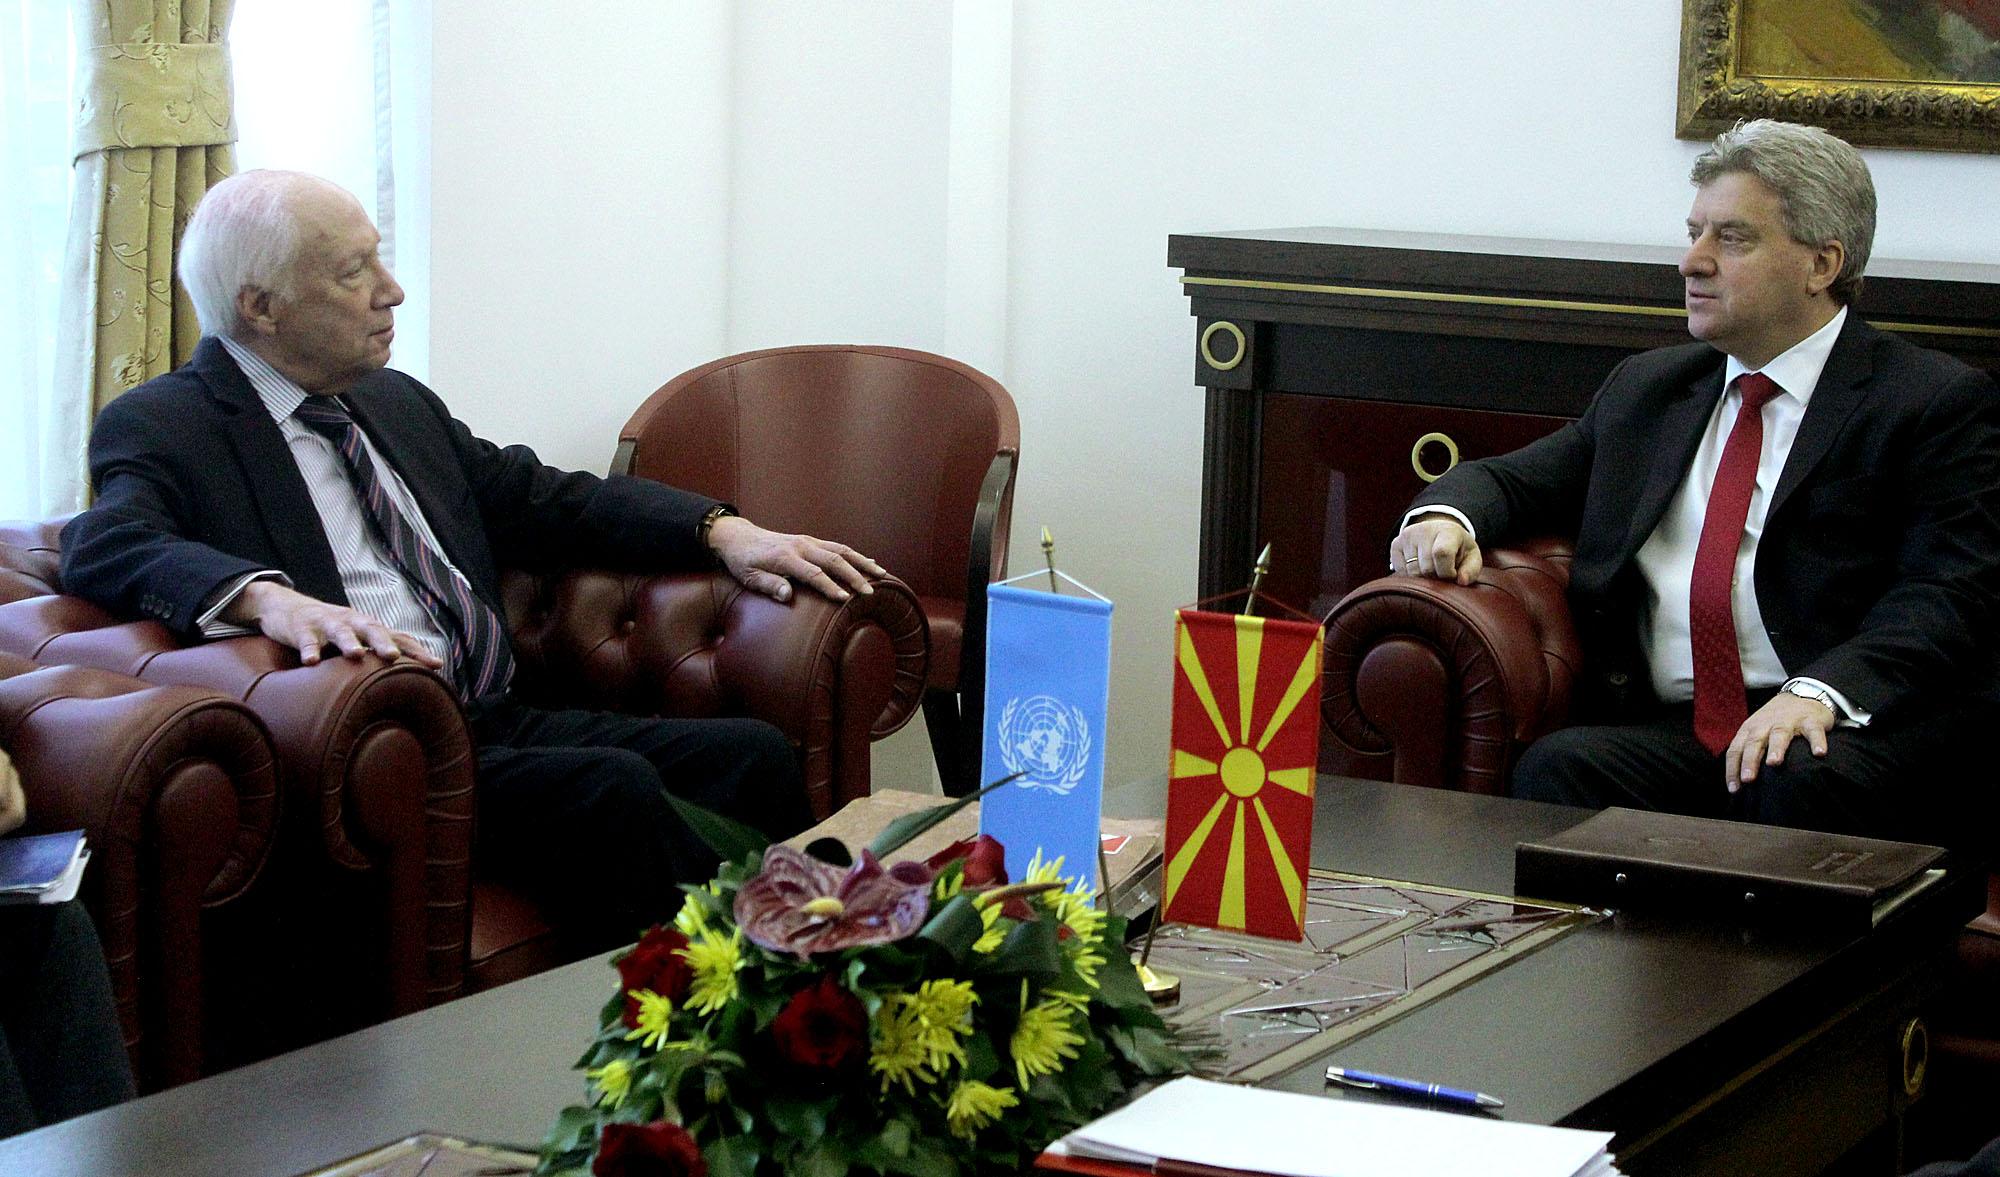 Media in Skopje focus on Nimetz's visit